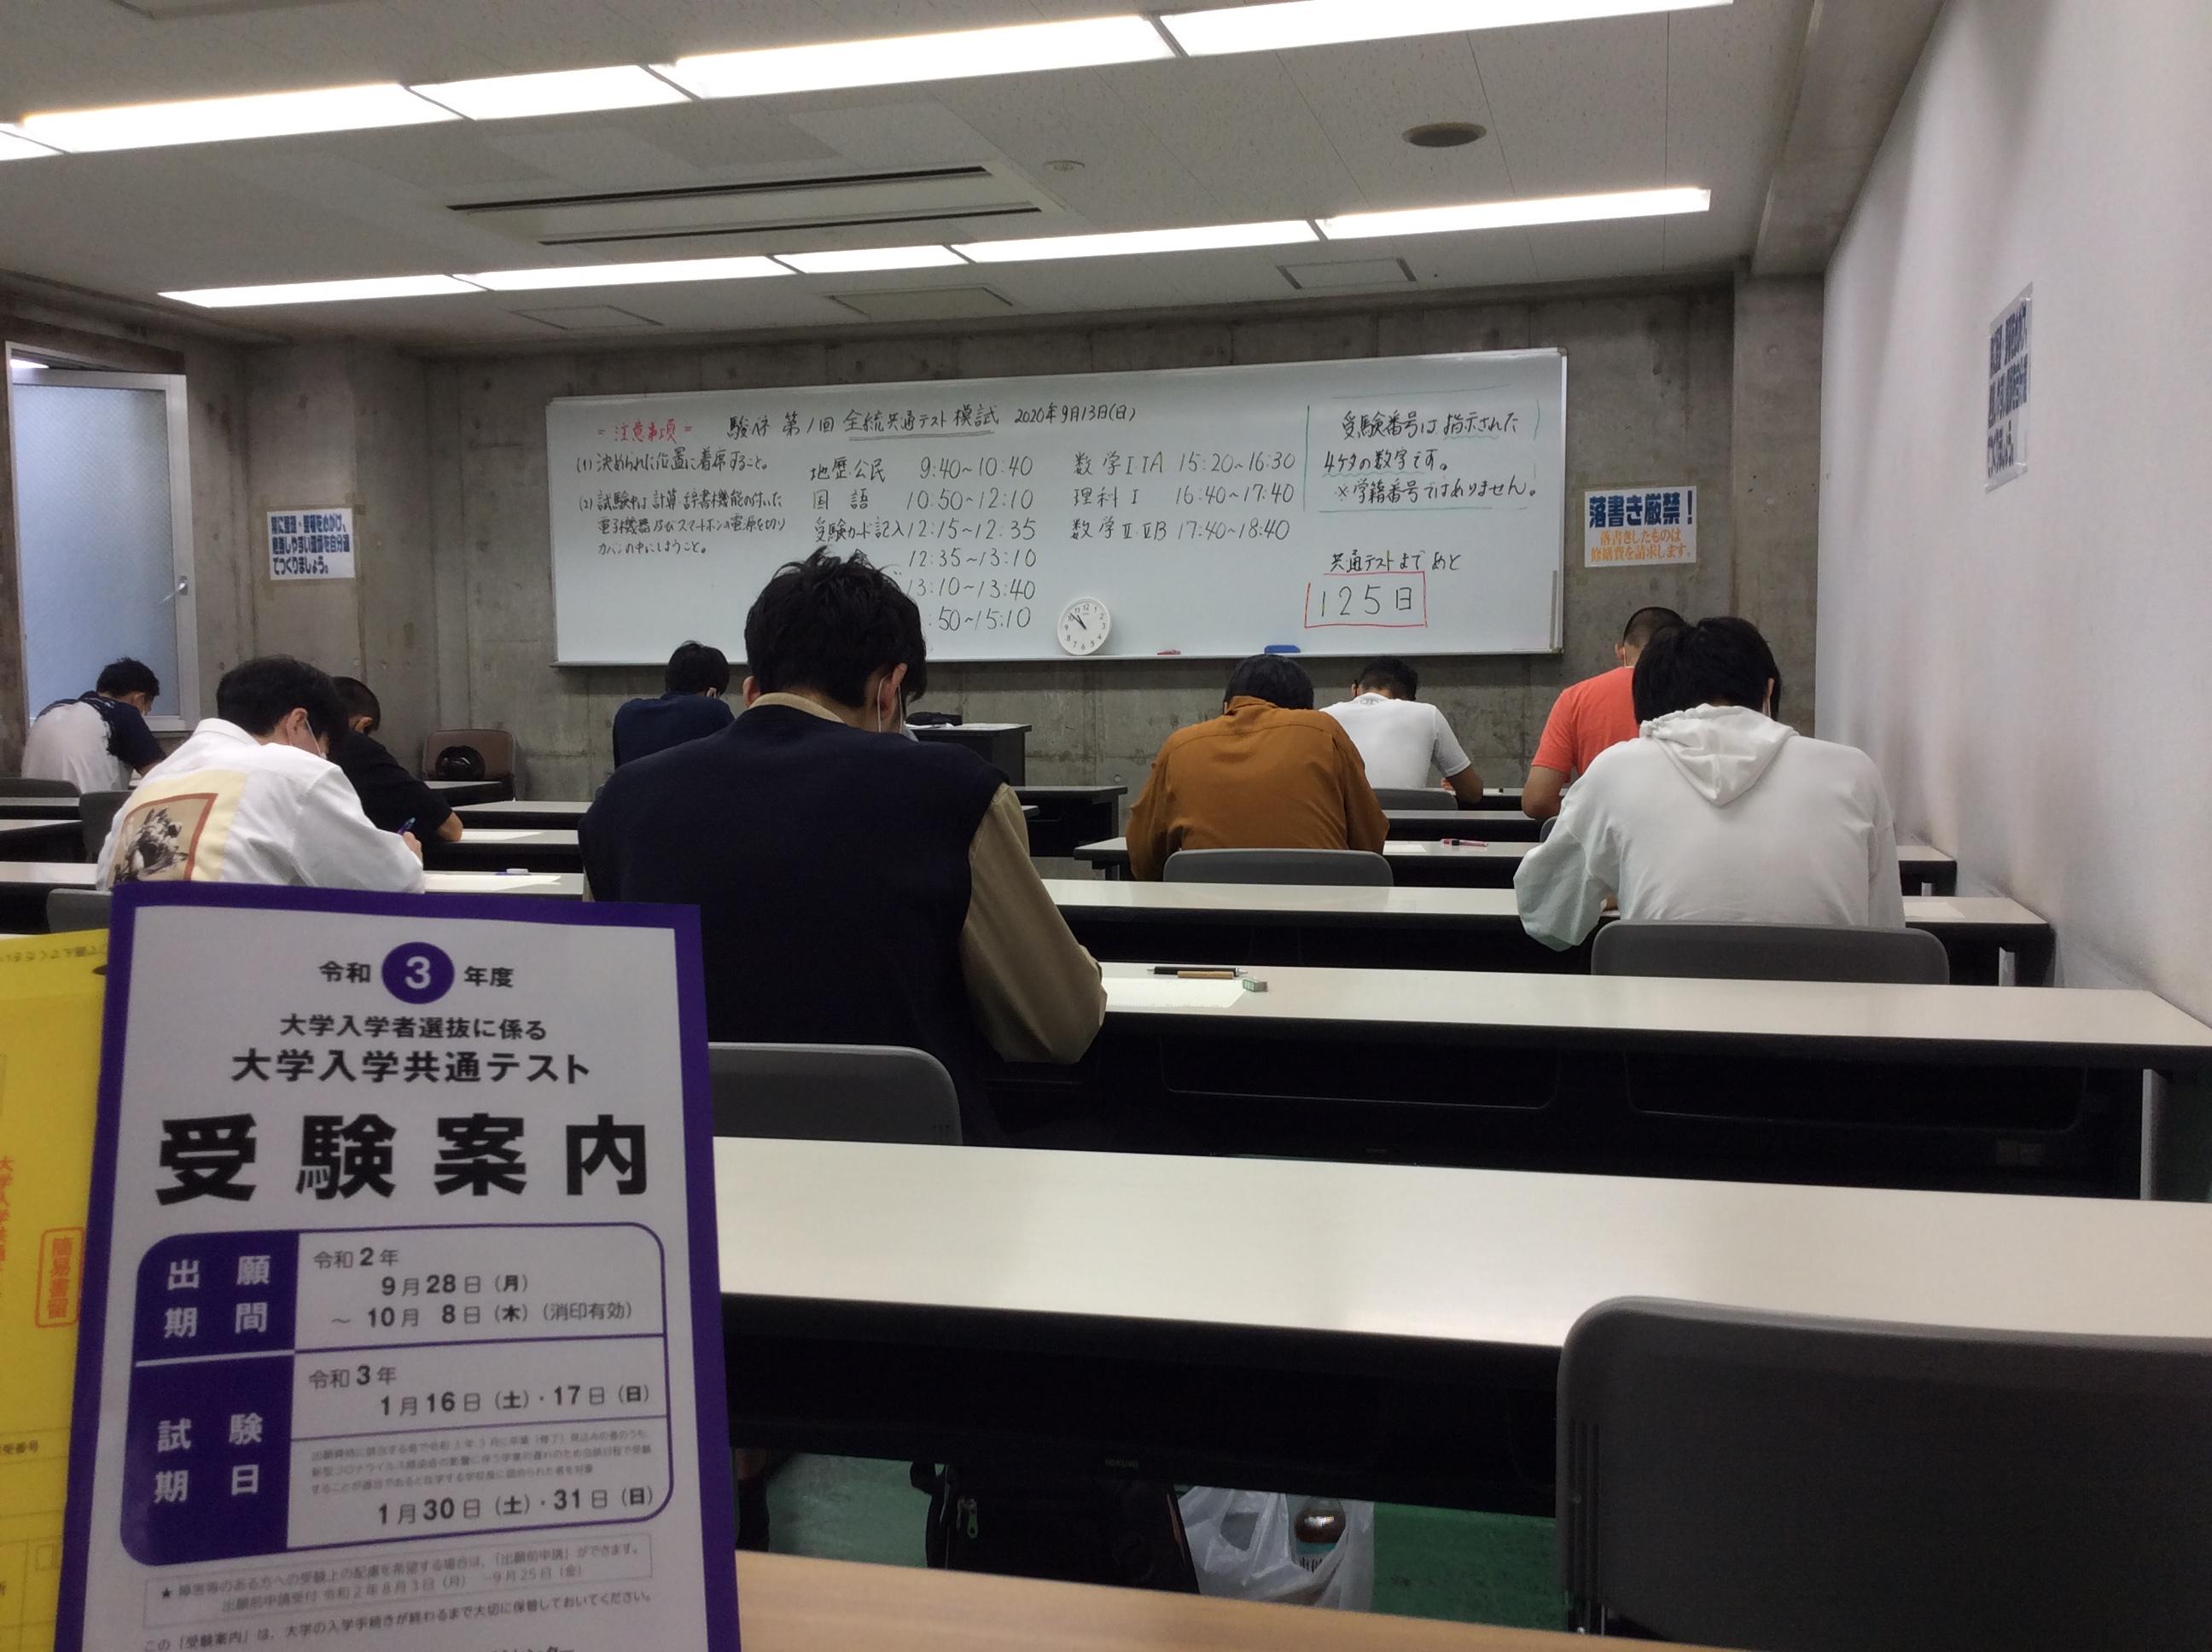 http://www.e-taishin.com/diary/img/20200913suzukih1.jpeg